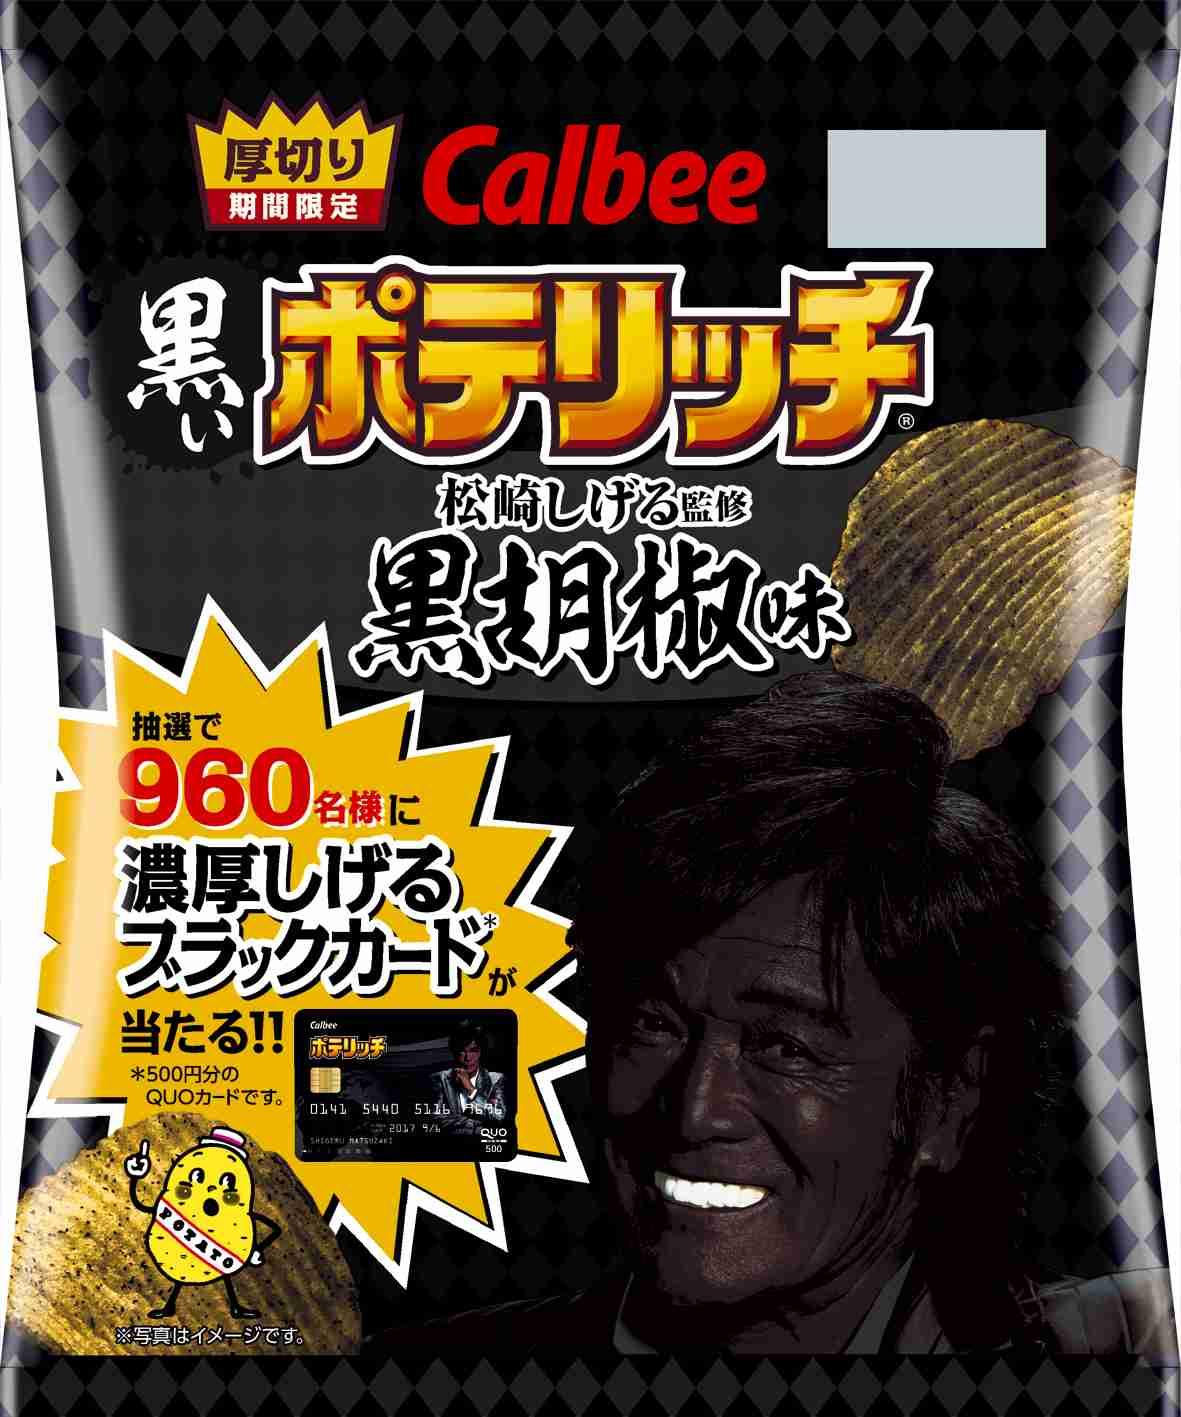 黒すぎて本人消失 松崎しげる監修「黒いポテリッチ 黒胡椒味」が登場 「濃厚しげるブラックカード」やムービーも真っ黒